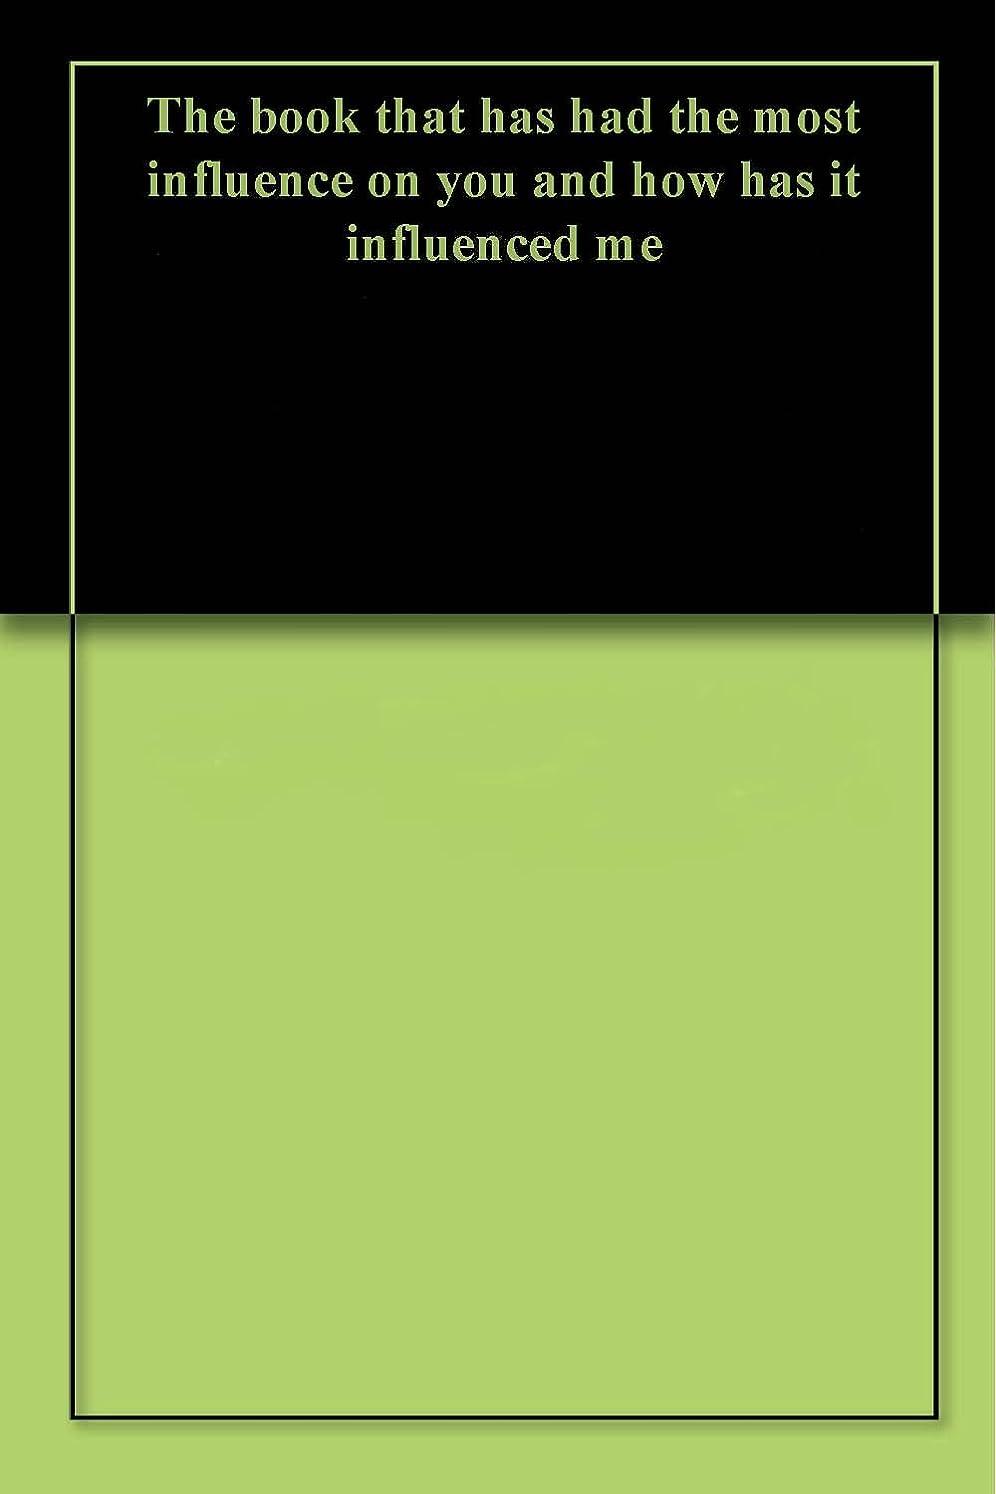 町怠なメイドThe book that has had the most influence on you and how has it influenced me (English Edition)